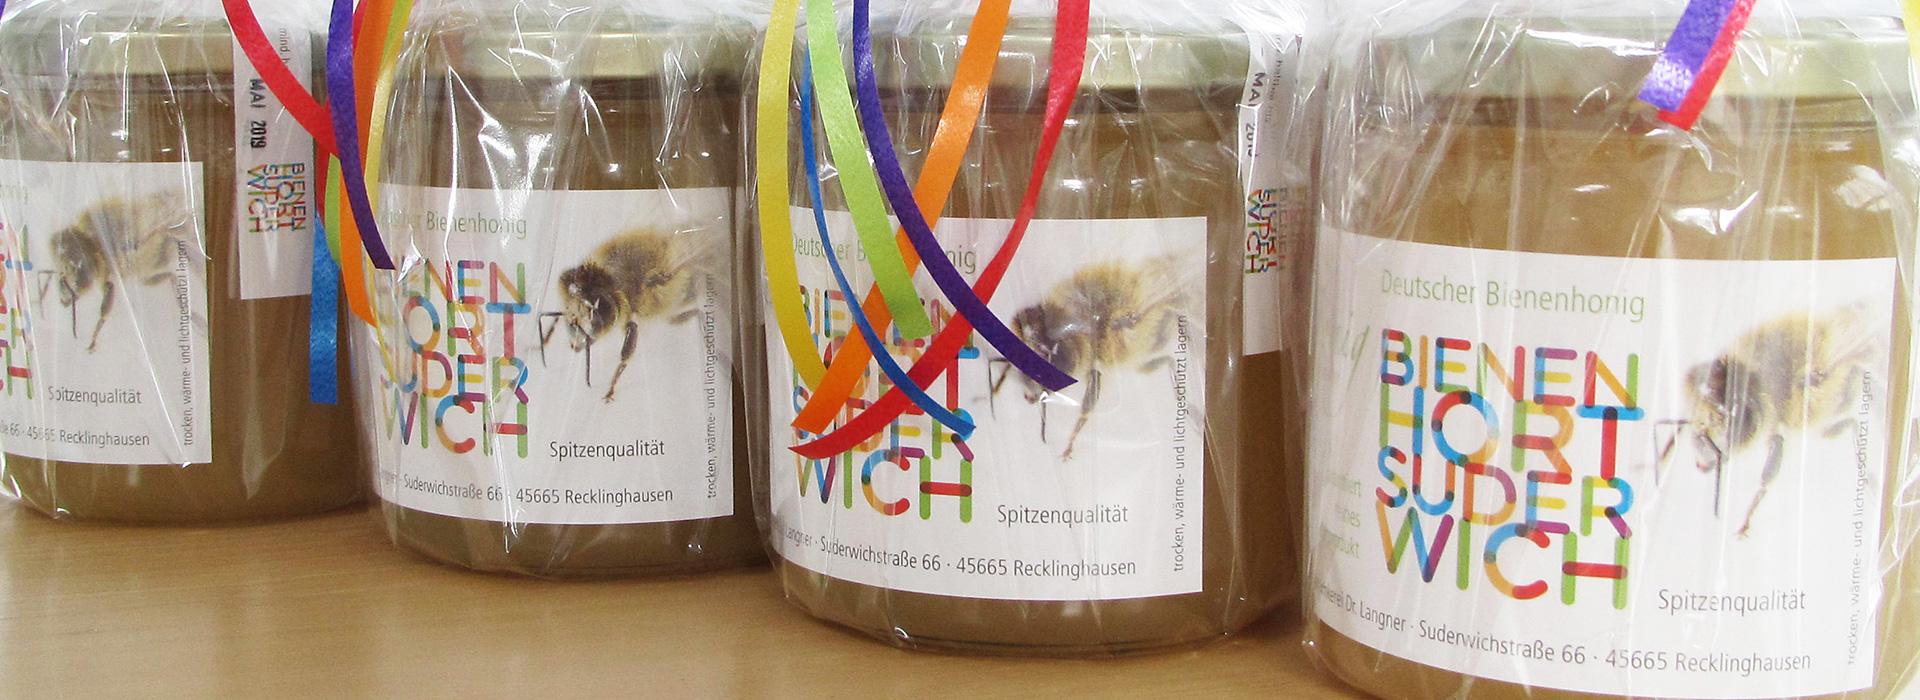 Imkerei Bienenhort Suderwich Recklinghausen – Naturreiner Bienenhonig